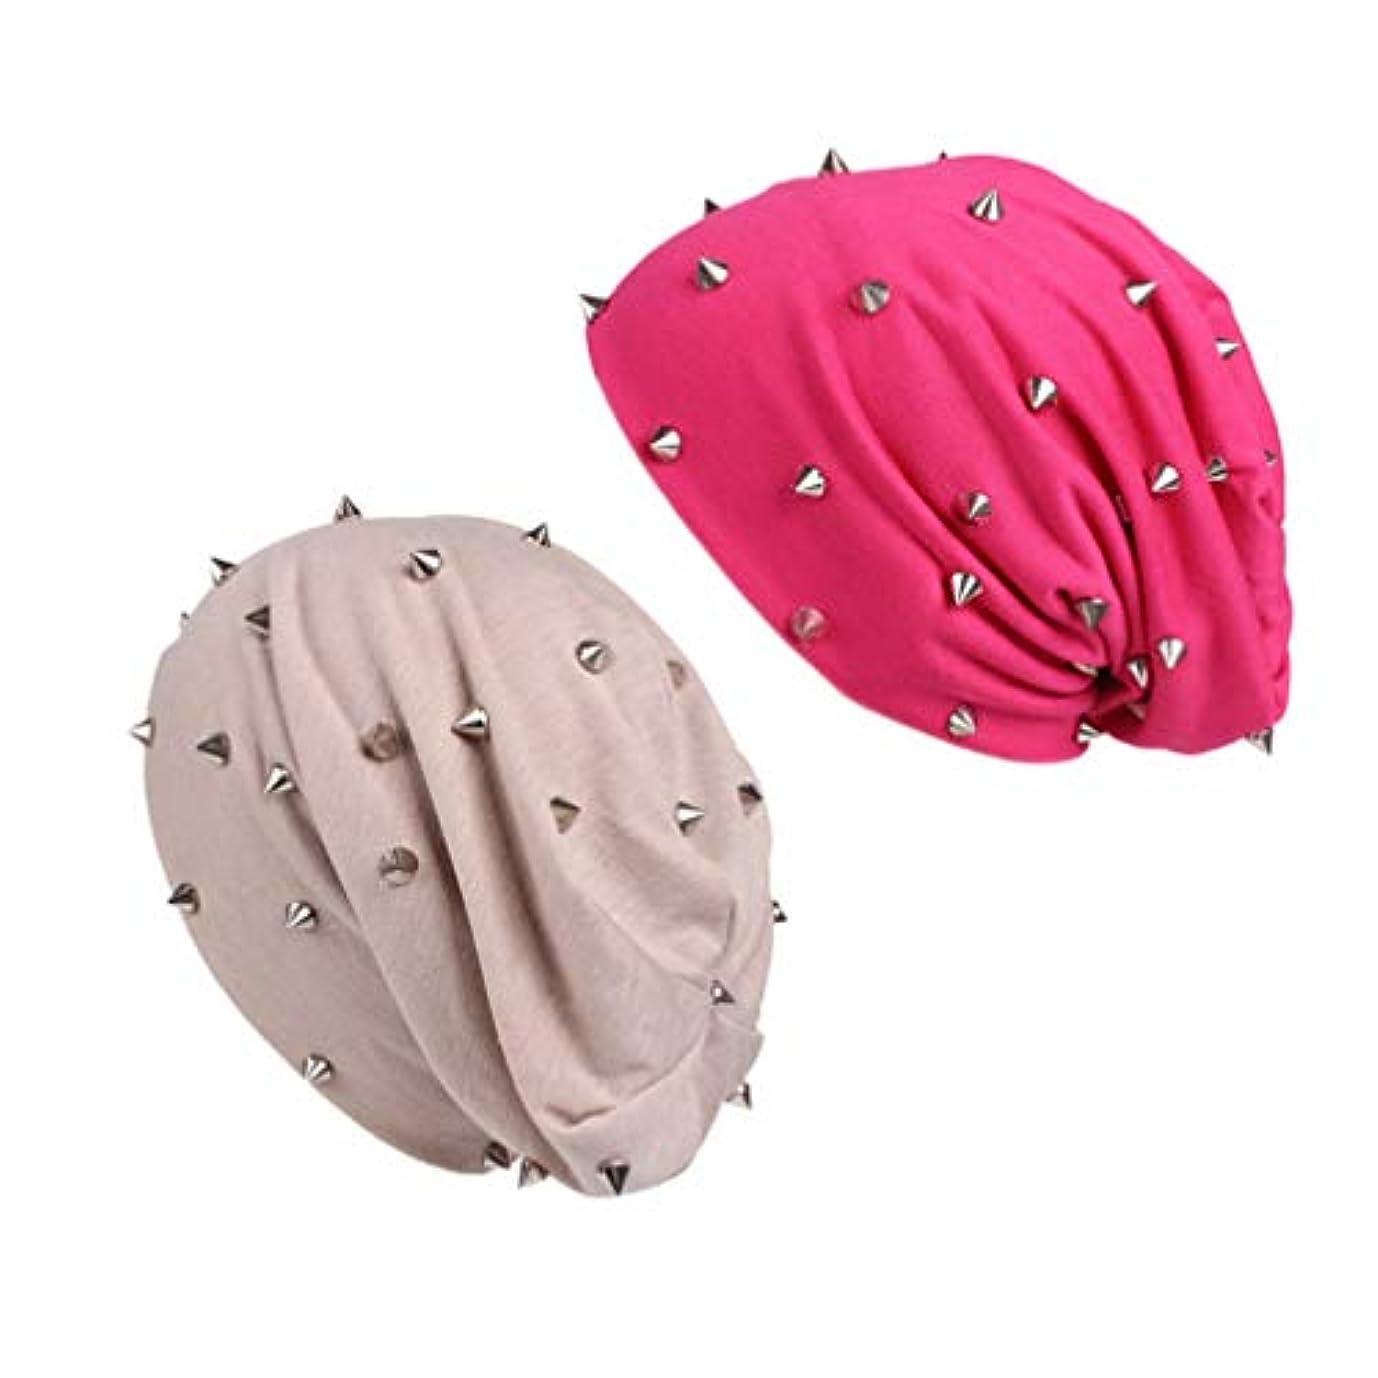 変成器マガジン海里Healifty 2ピースリベットビーニー帽子エッジの効いたスパイクスタッドパンクロックヒップホップキャップベージュロージー